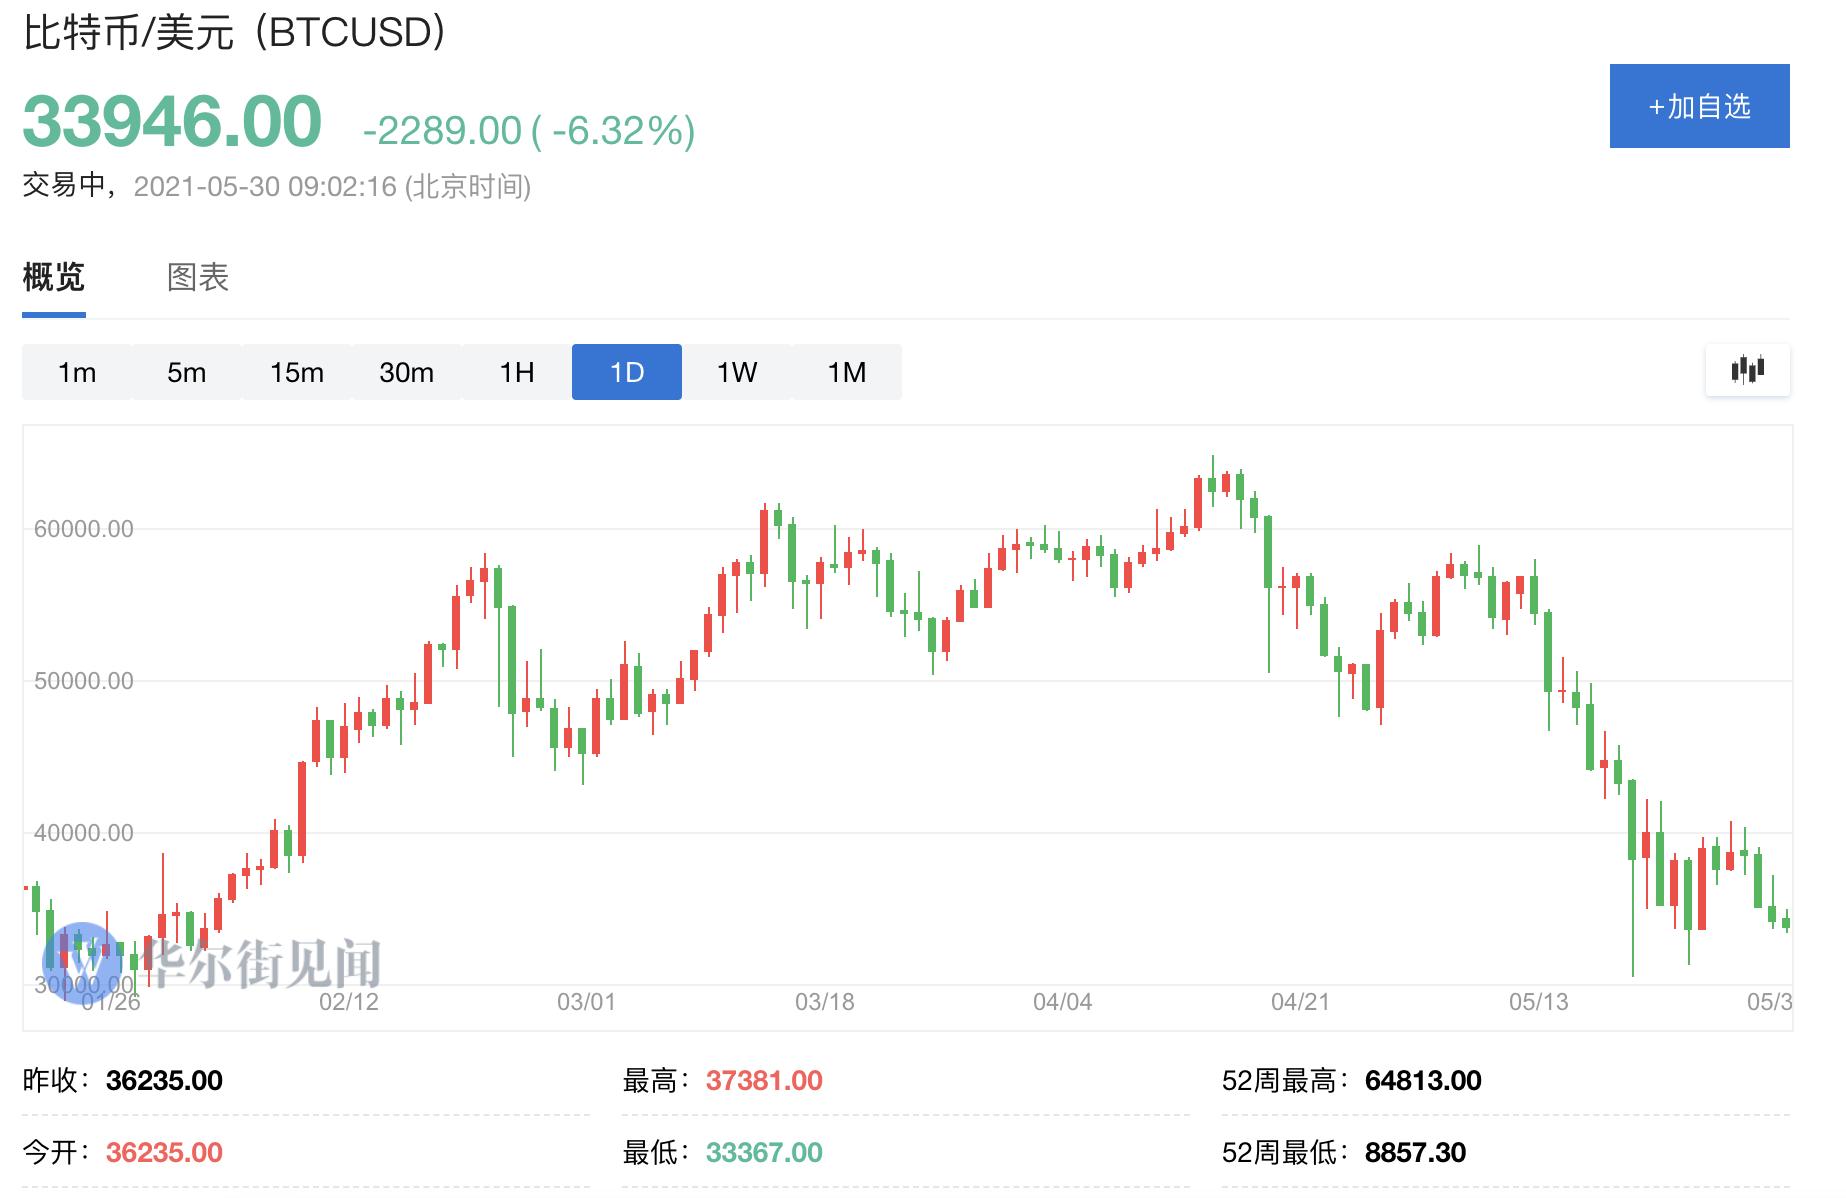 又见周末行情:比特币跌近7%,以太坊跌破2200美元